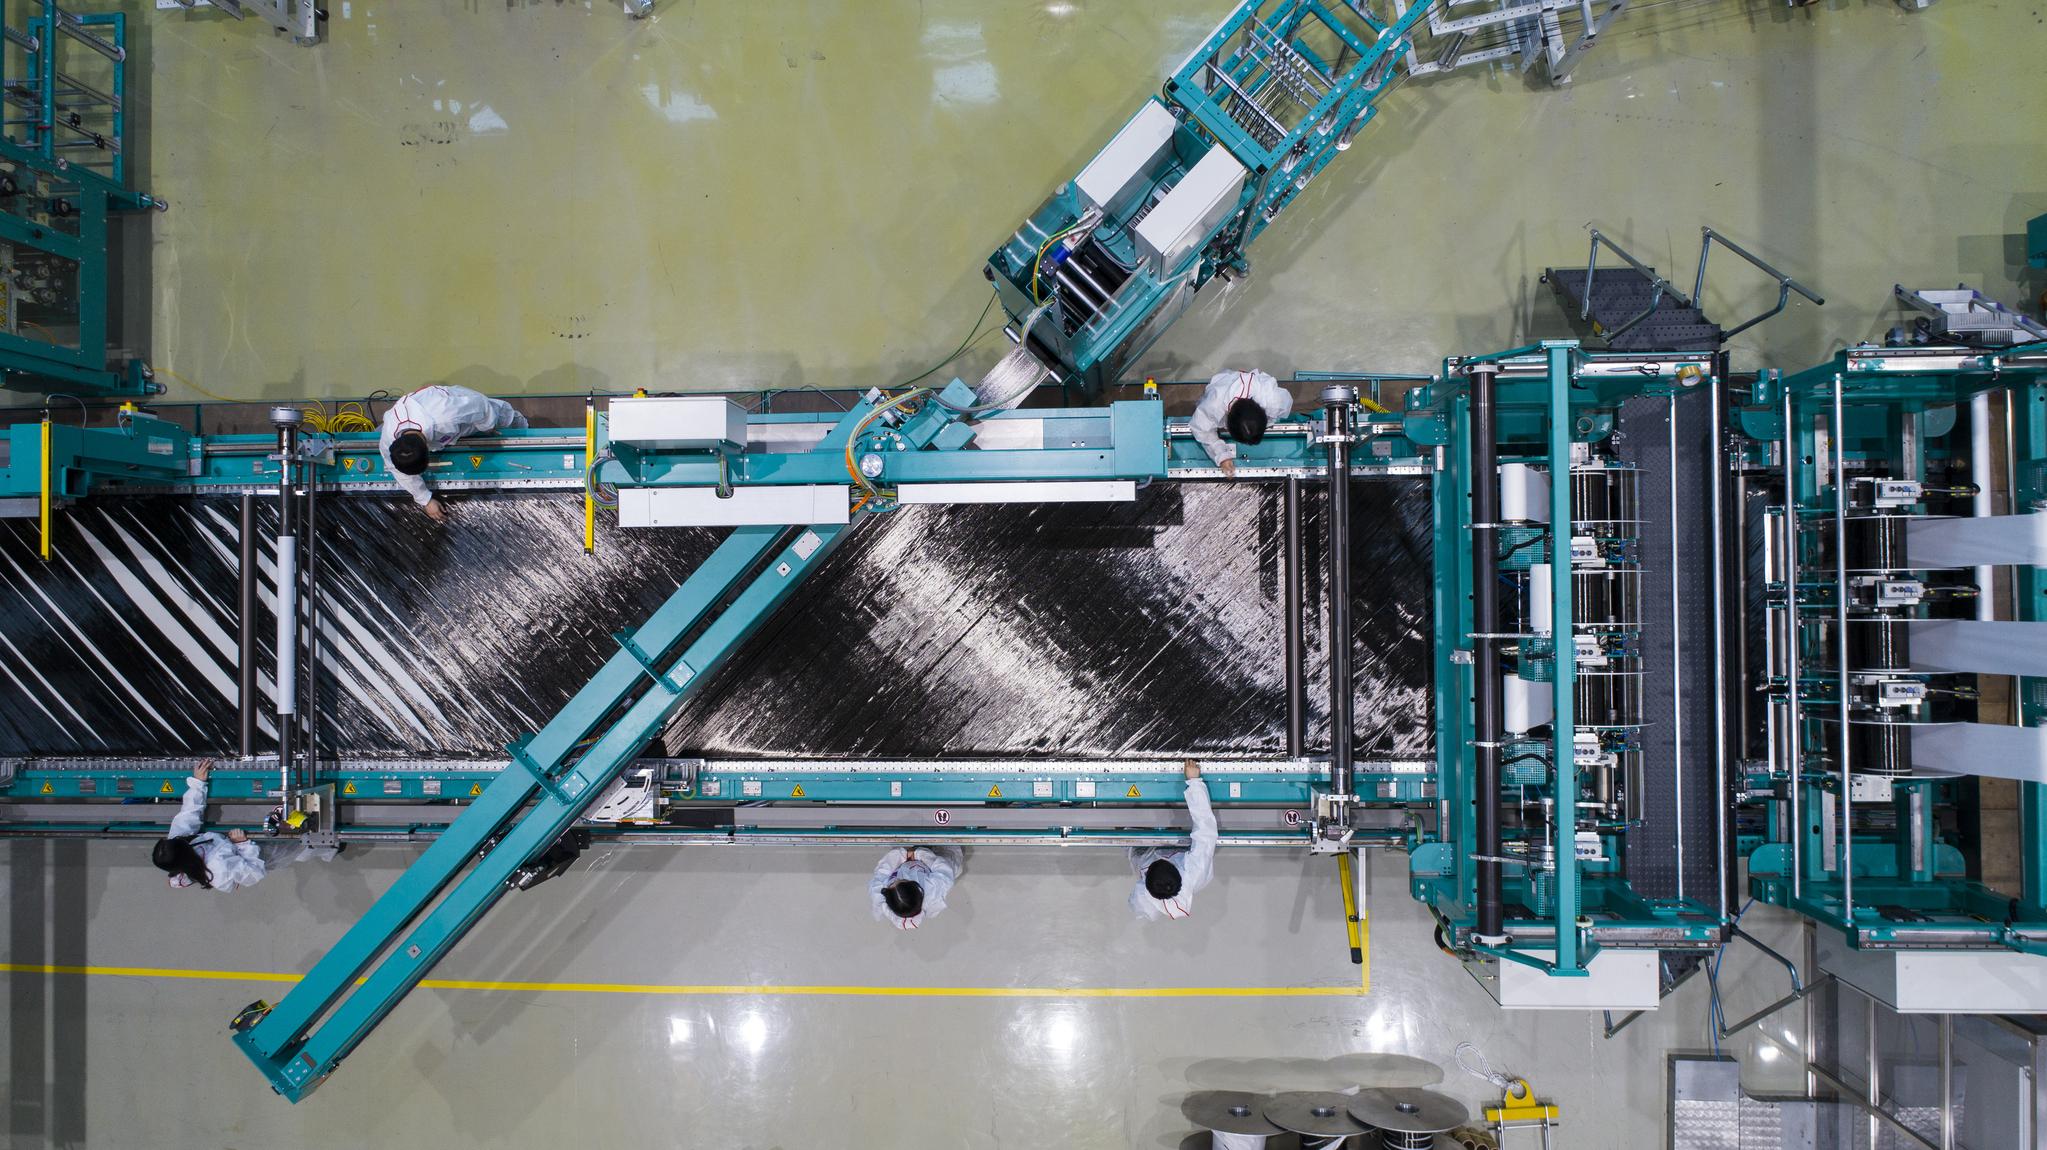 한국탄소융합기술원 연구원들이 탄소섬유 직조장비로 탄소섬유를 짜고 있다. 여기에 수지를 입히고 성형하면 우리가 흔히 보는 탄소섬유가 된다. [사진 한국탄소융합기술원]